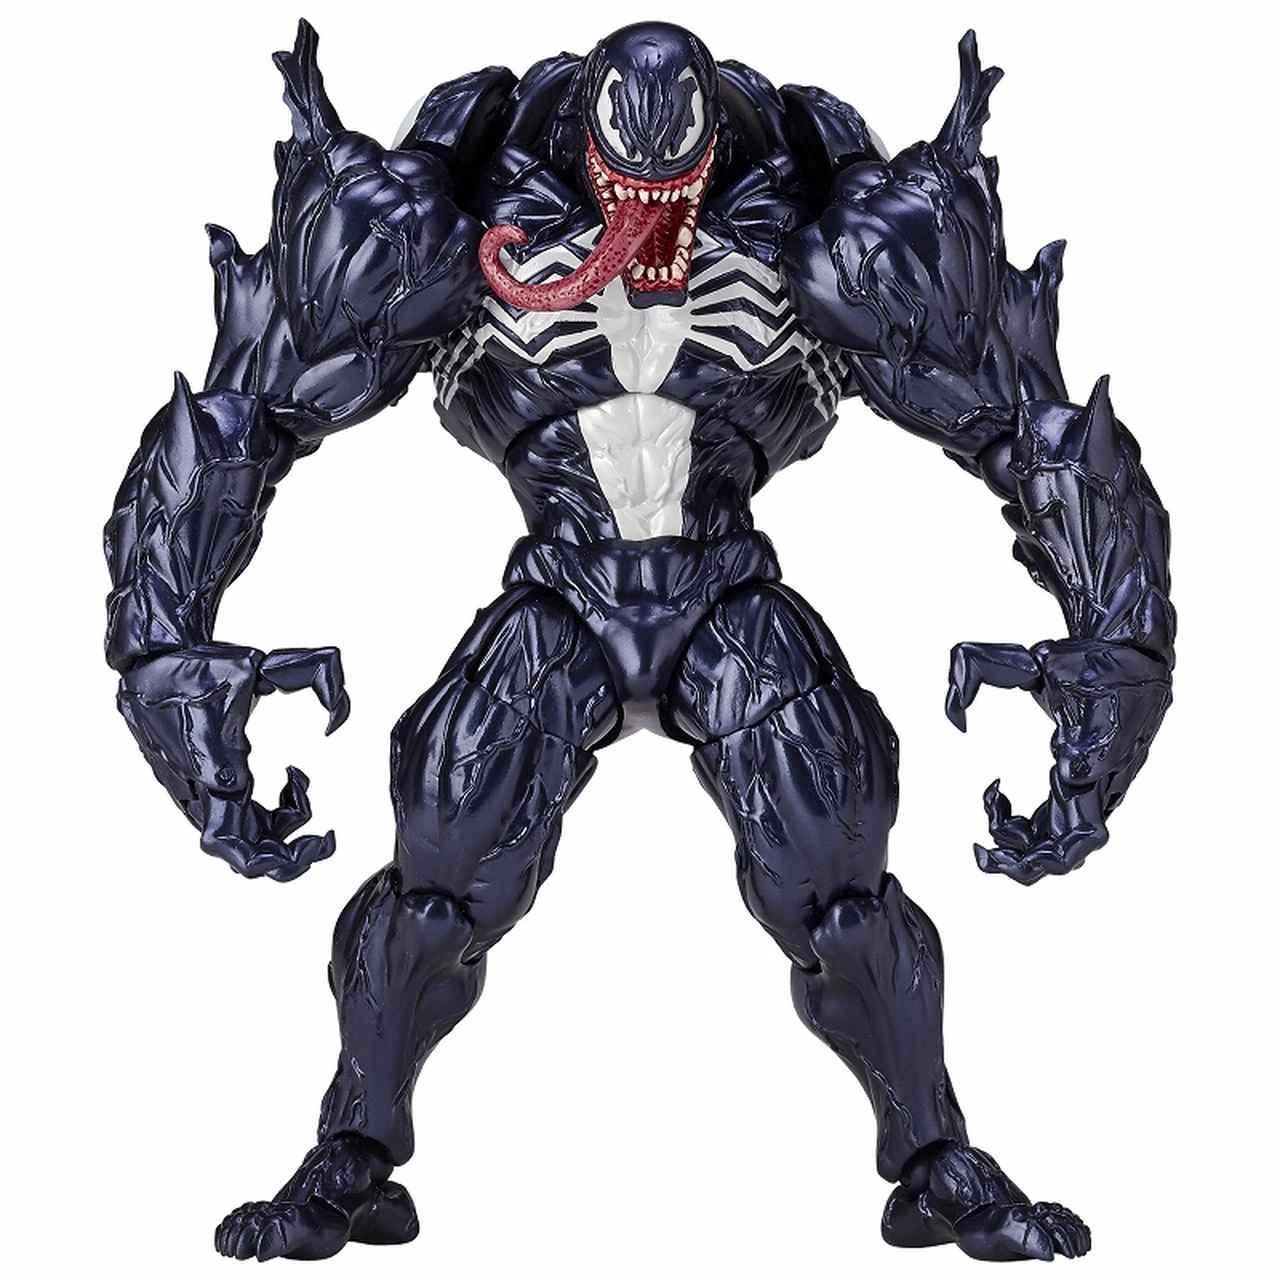 画像1: 「ヴェノム」の幅広い可動域を実現したリボルテックが再販決定! スパイダーマンを一回り大きくしたボディサイズはど迫力!